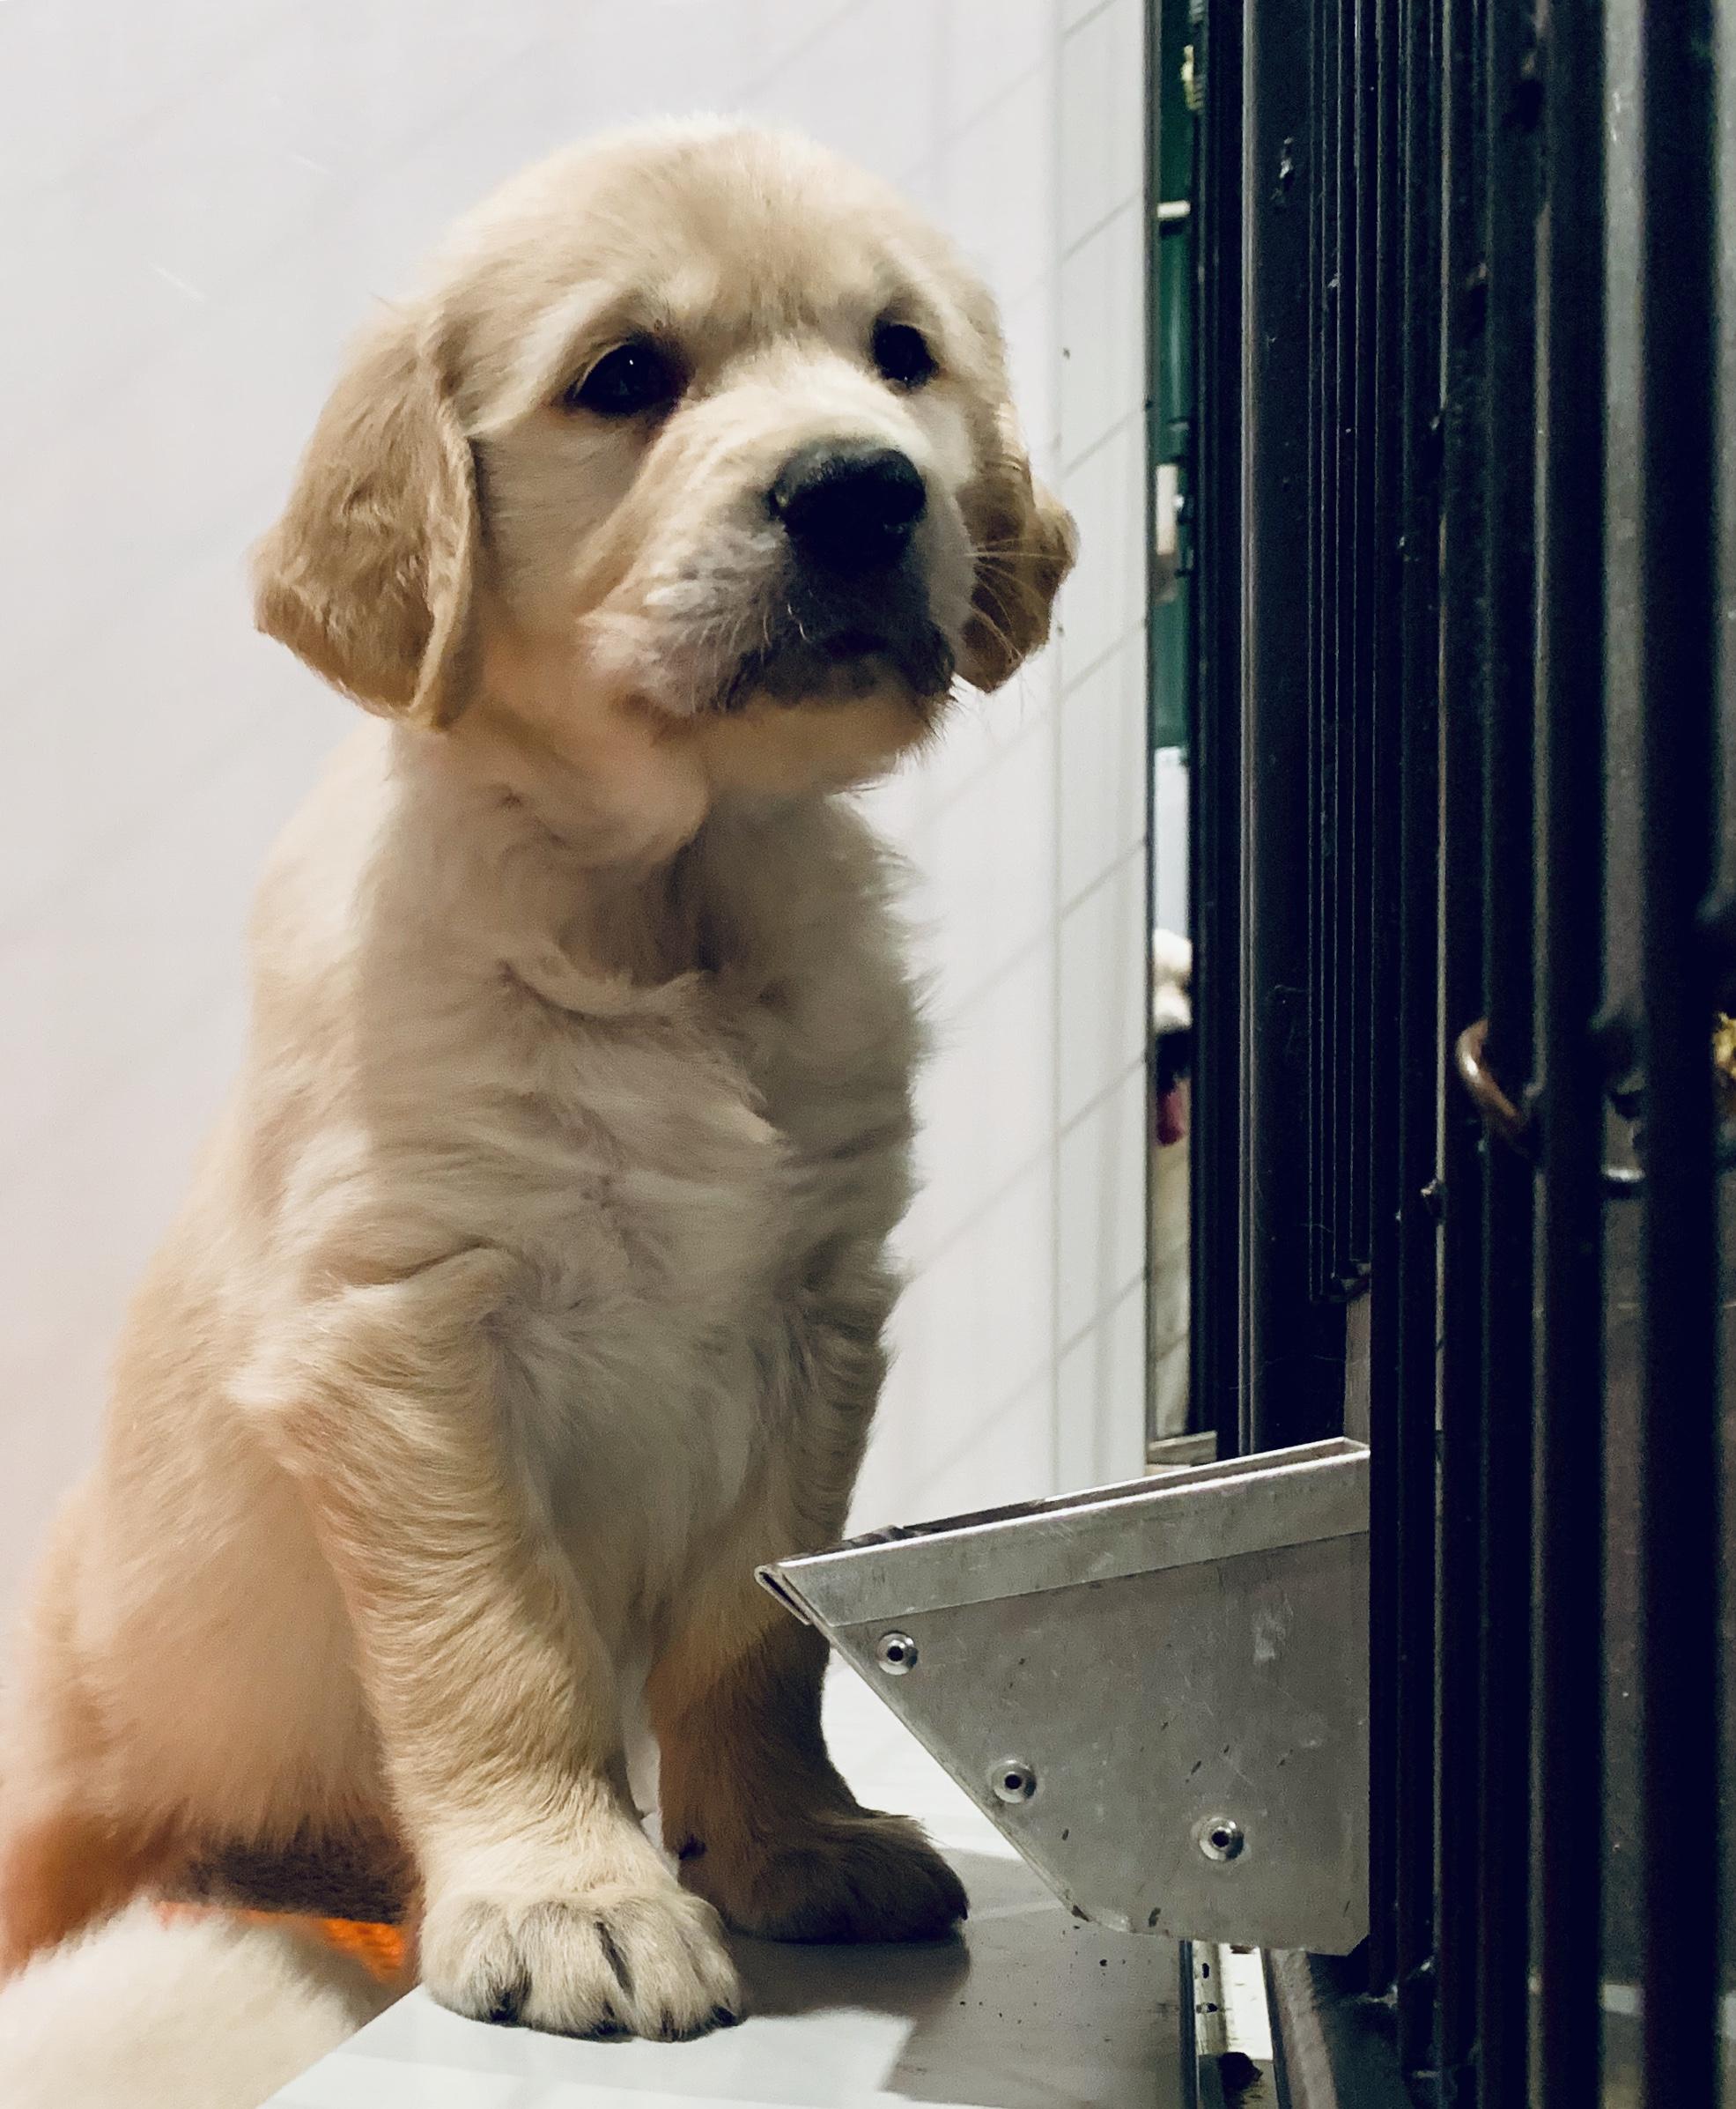 Golden Retriever puppy in kennel